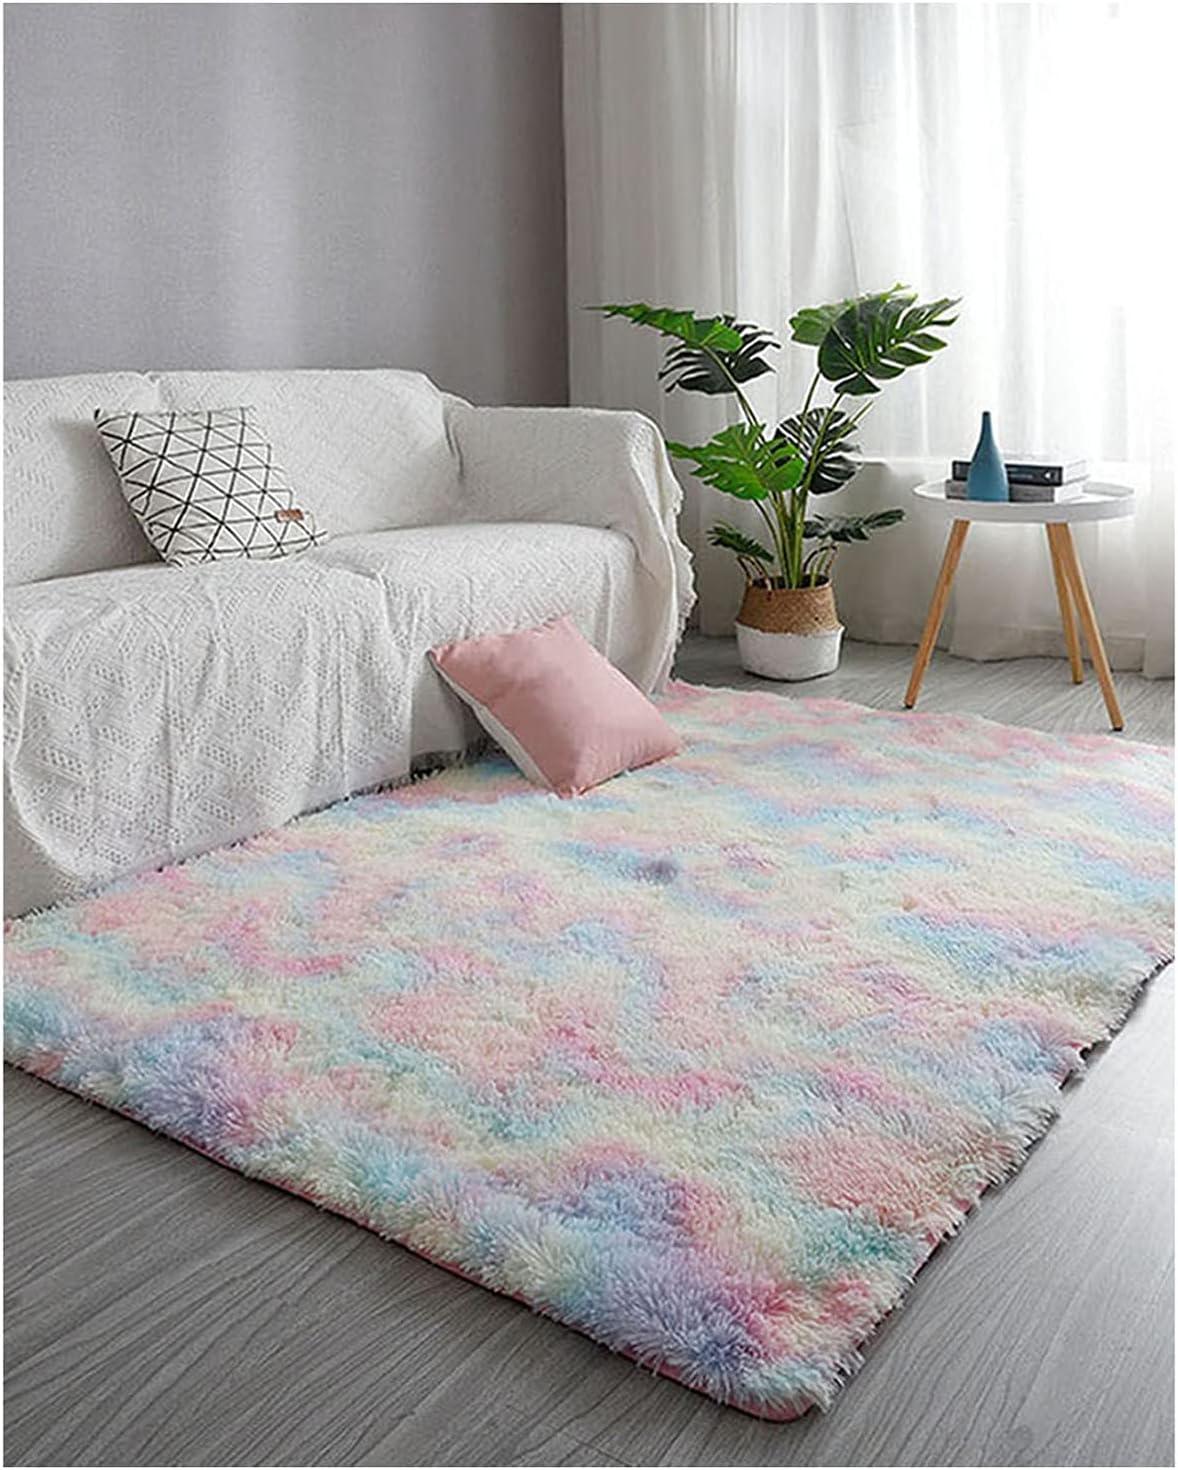 WERTYU Modern Area Rug Indoor Ultra Soft So Fluffy San Diego Mall Topics on TV Bedroom Floor